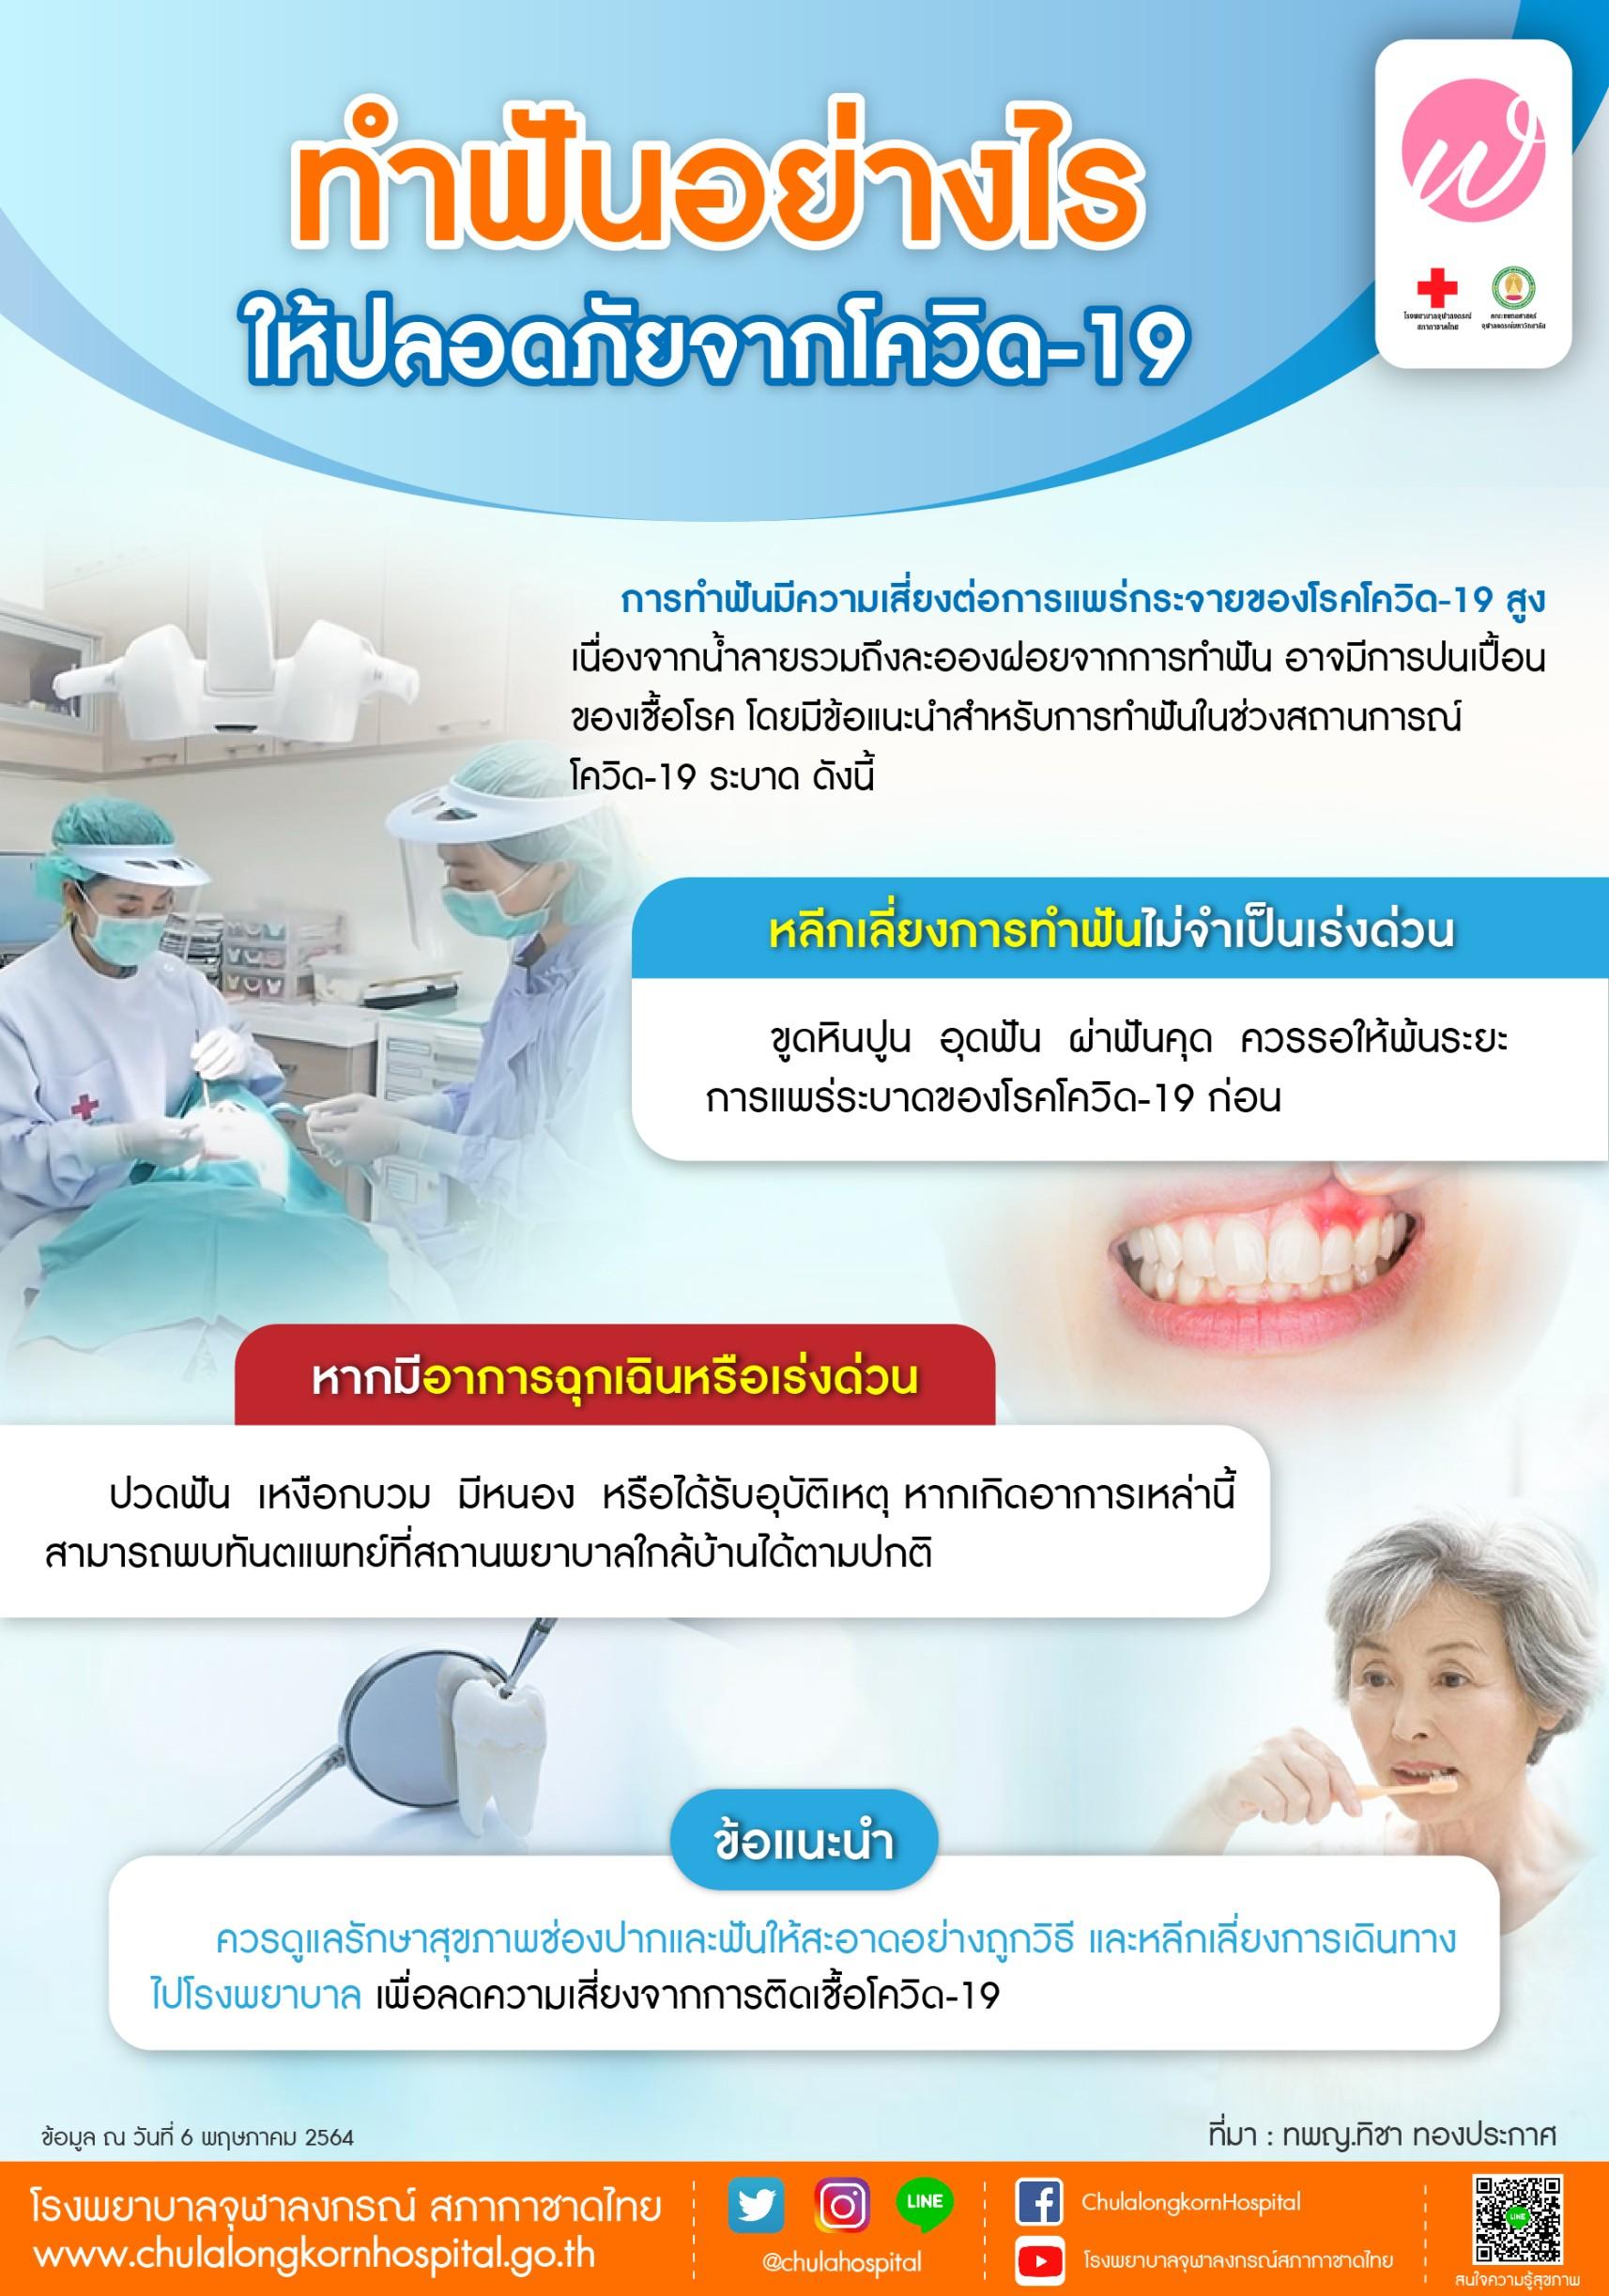 ทำฟันอย่างไรให้ปลอดภัยจากโควิด-19